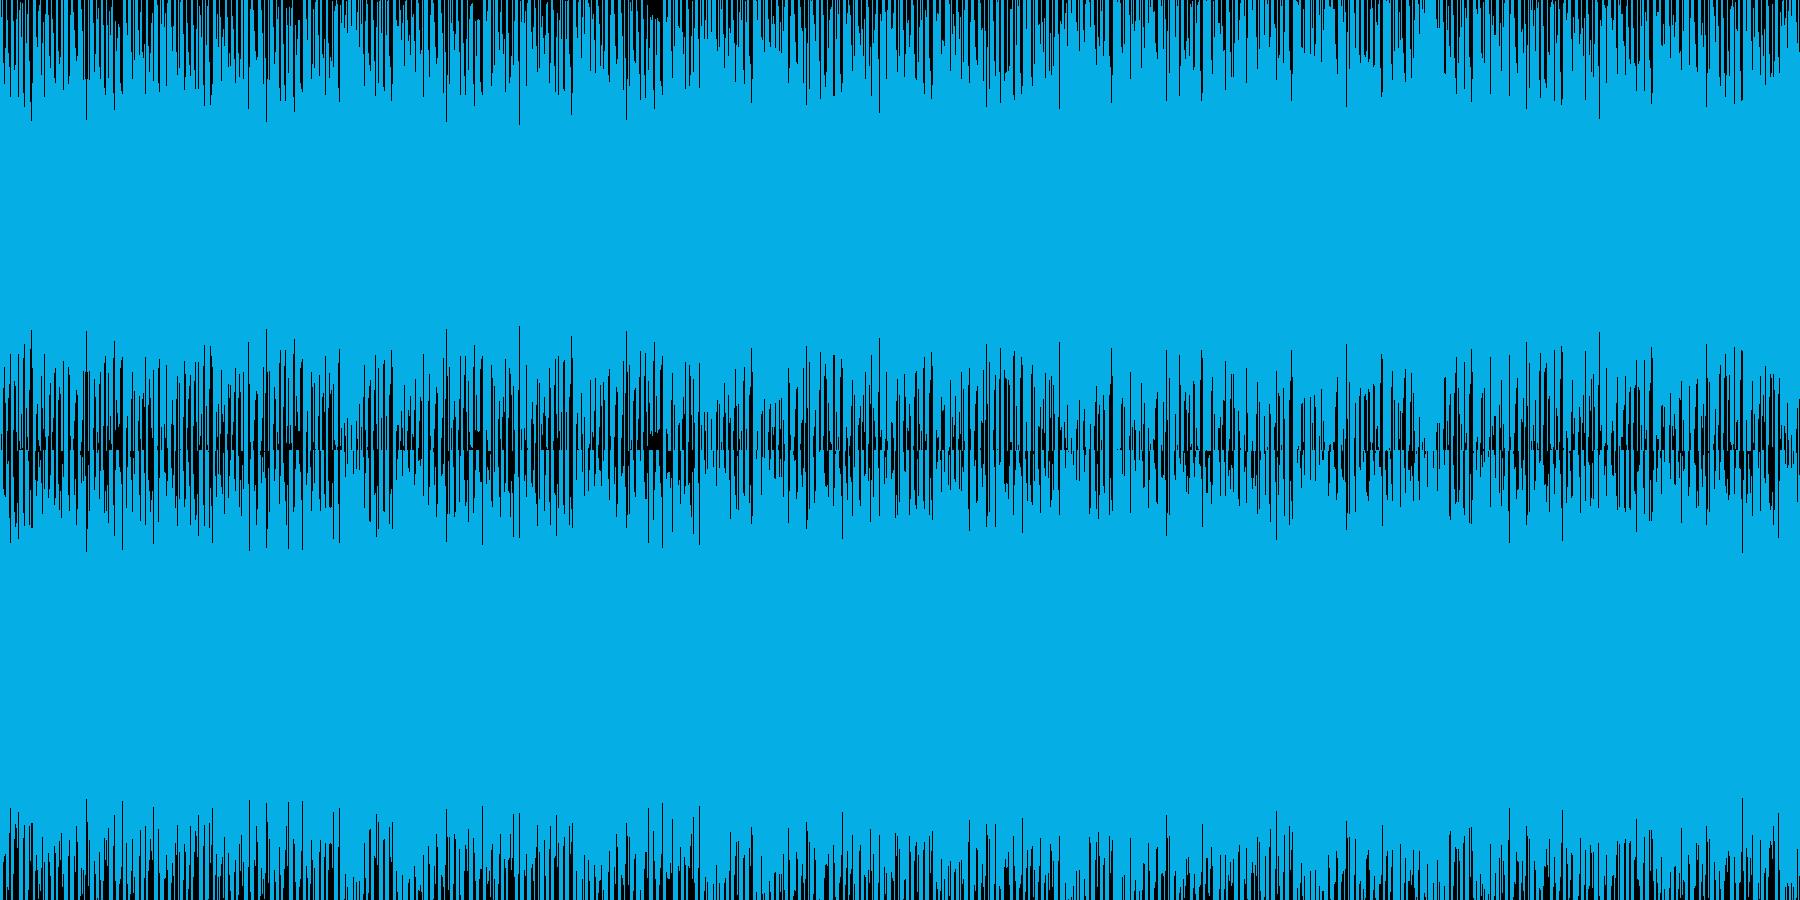 雰囲気のあるヒップホップループバージョンの再生済みの波形